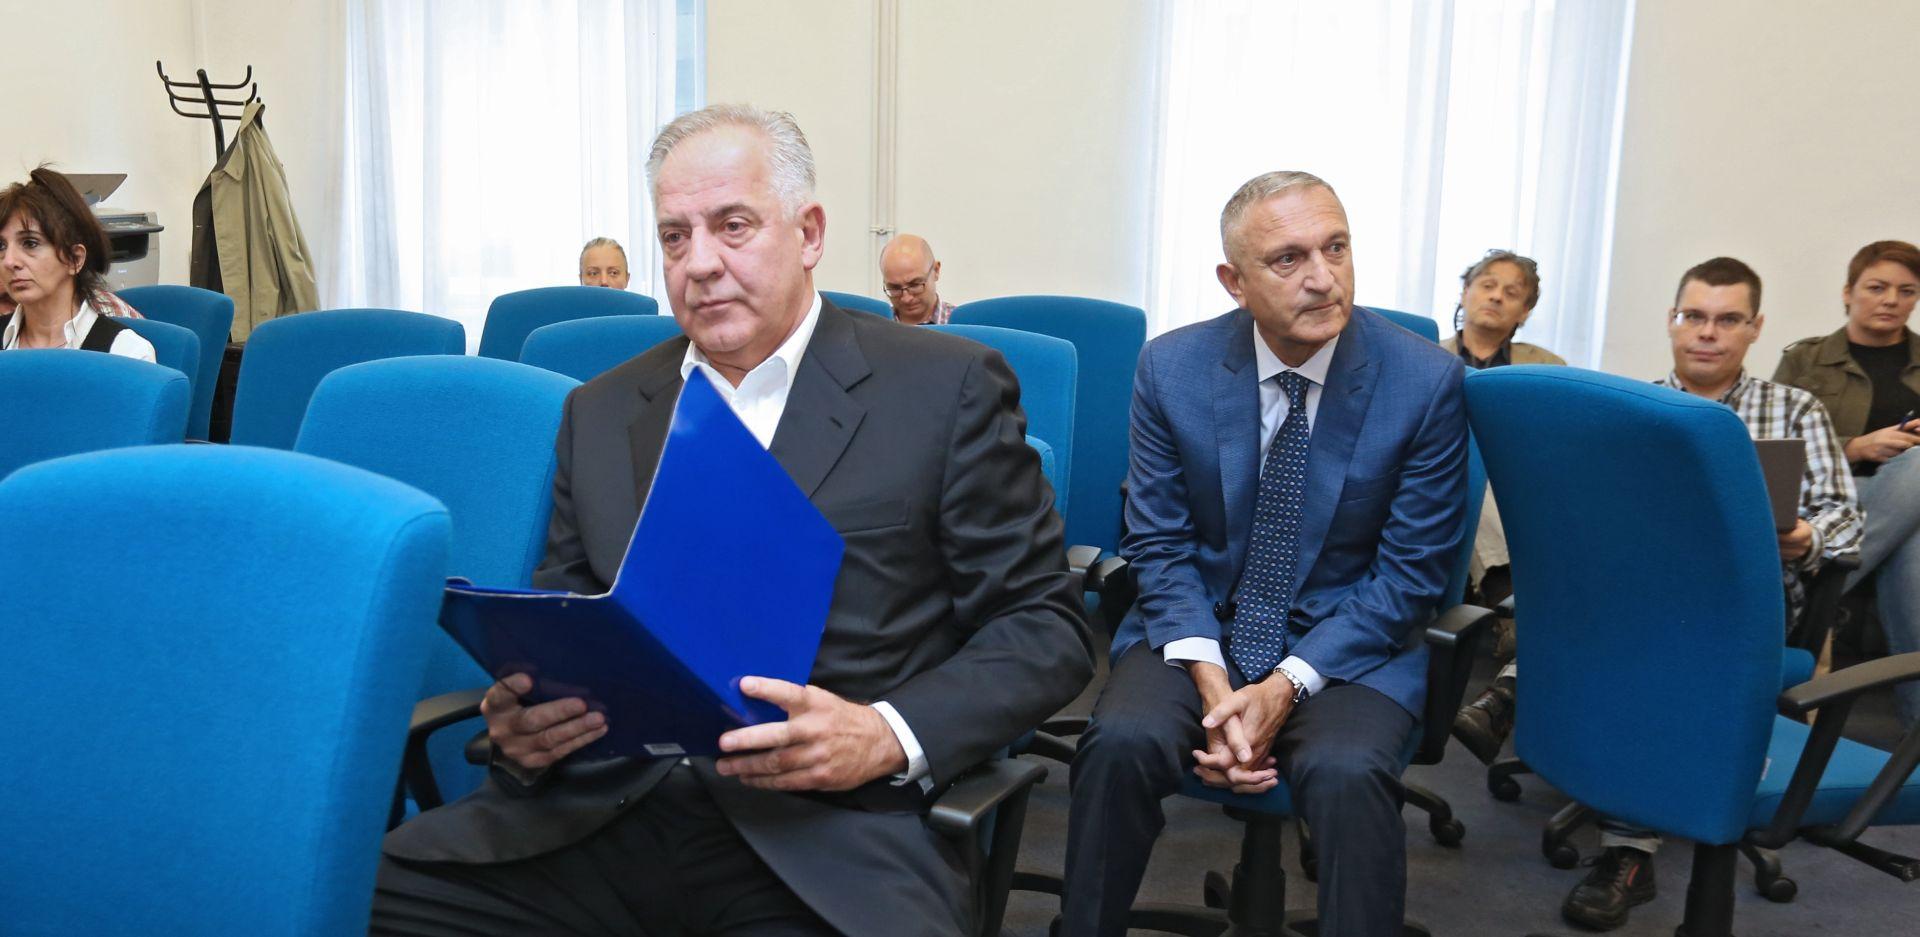 DIOKI Presuda Sanaderu i Ježiću 22. listopada